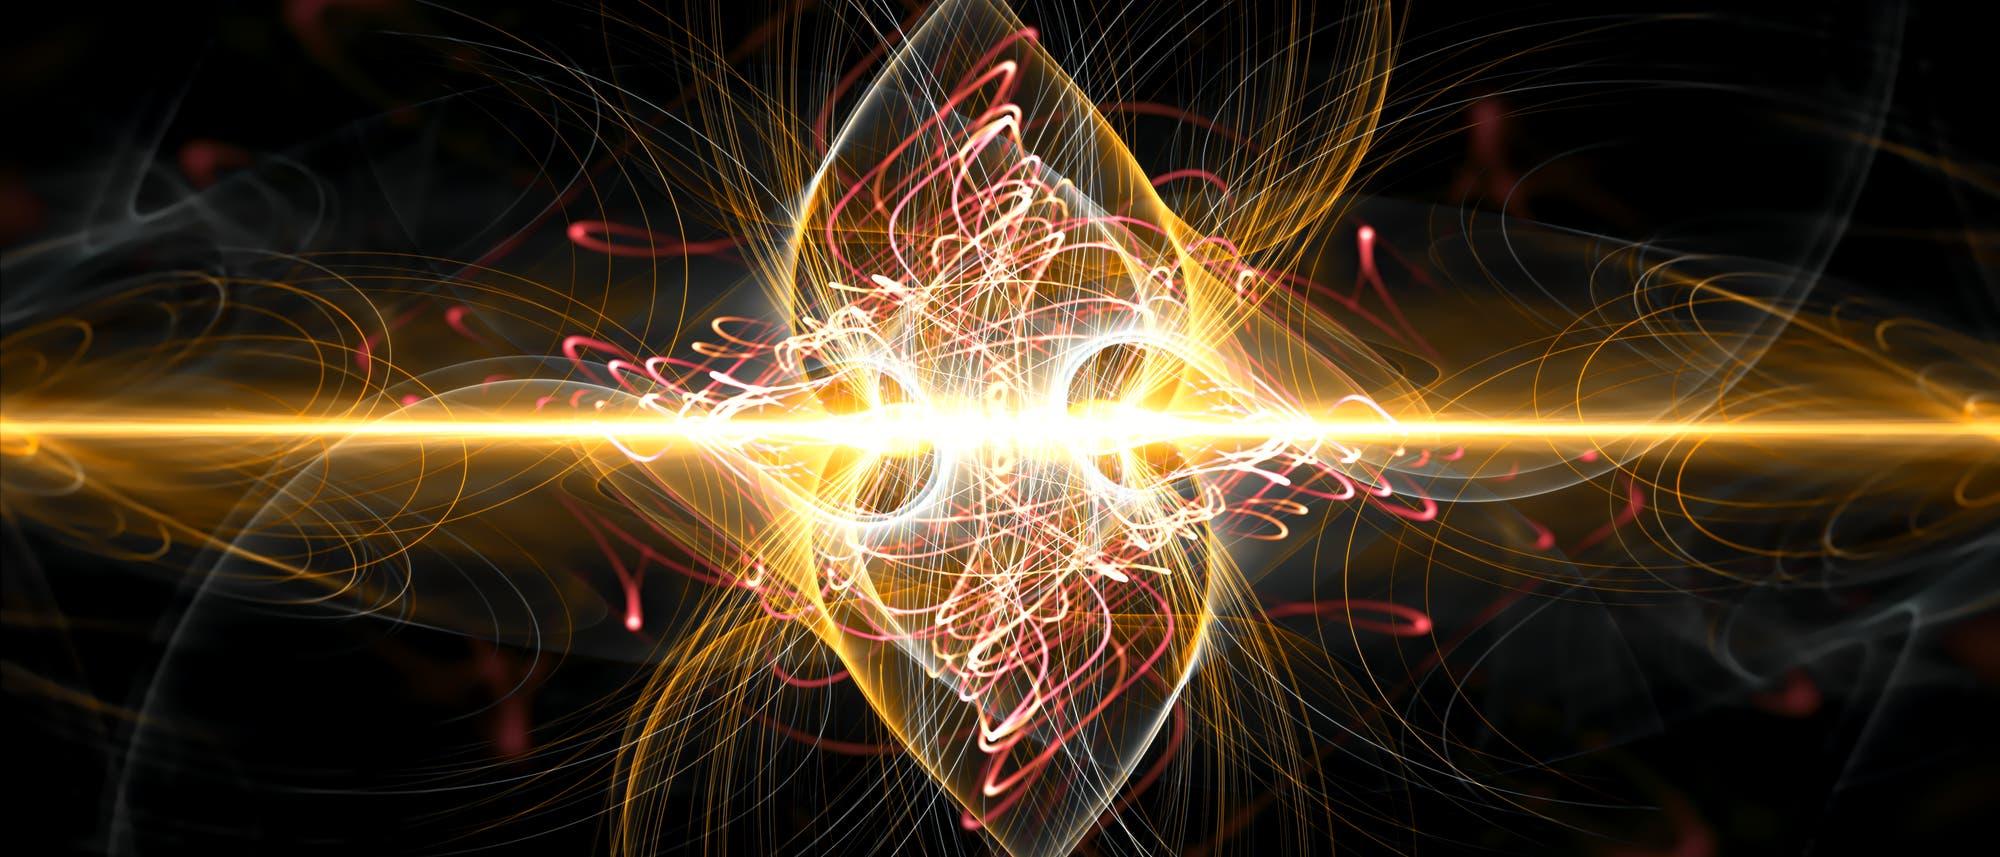 Steckt ein exotisches Quantenfeld hinter der Dunklen Energie?